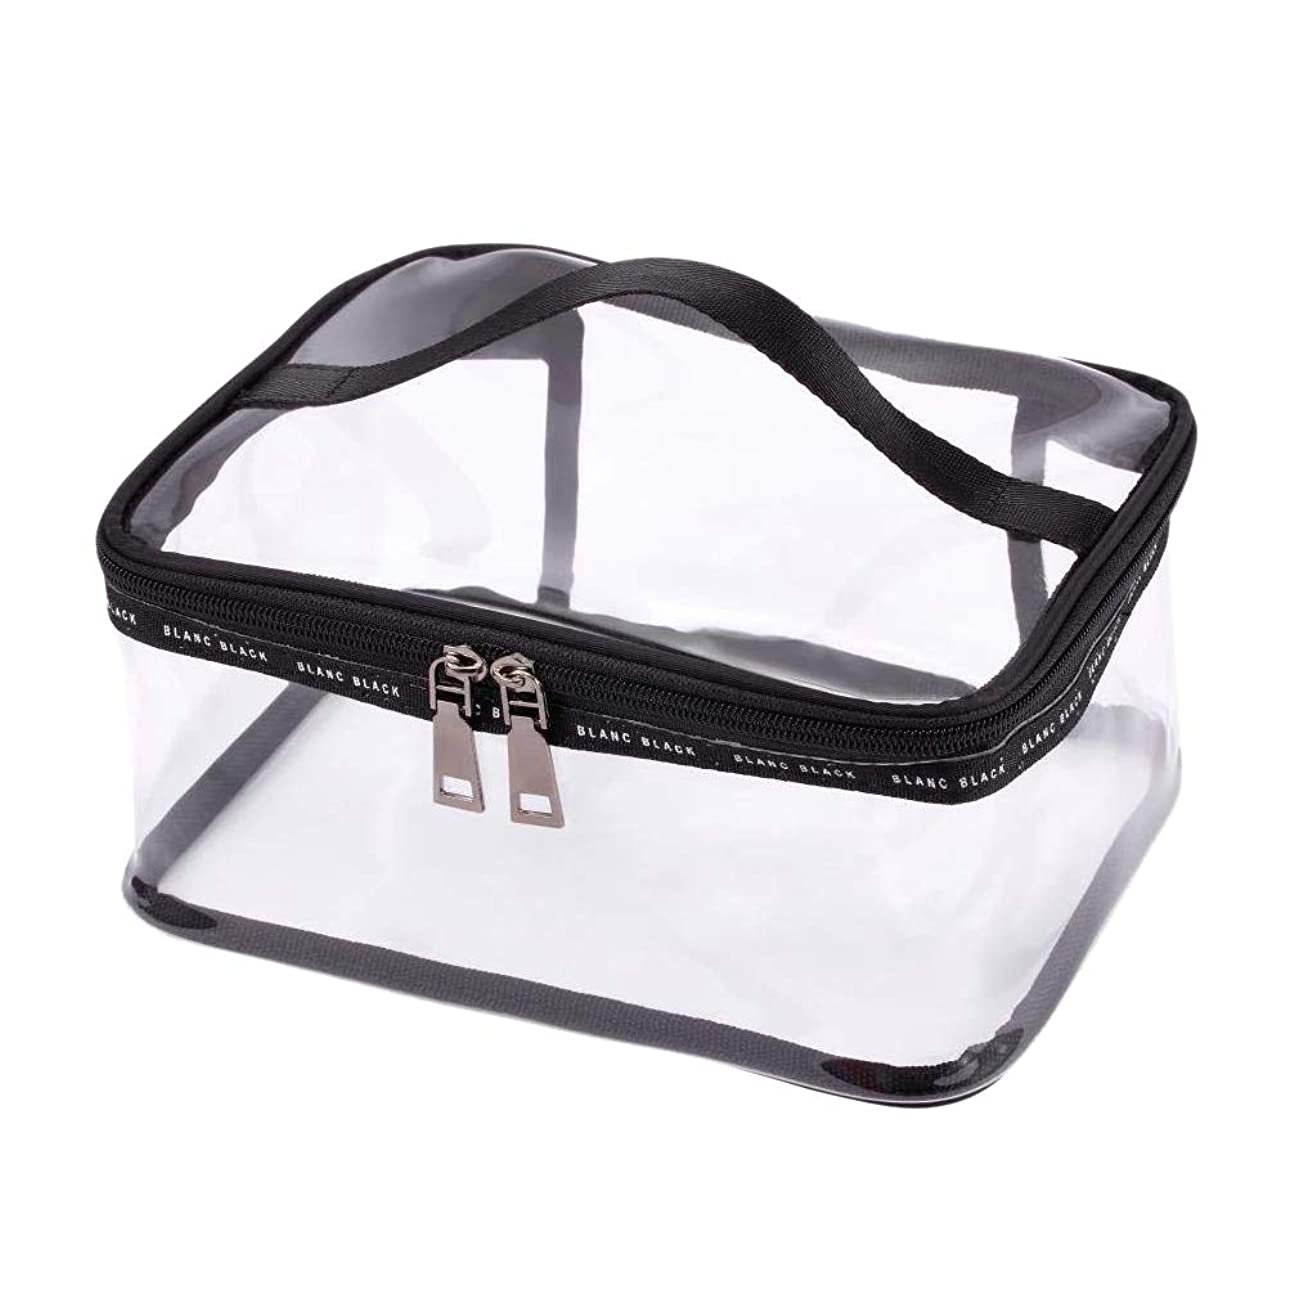 年次なめらか年次SODIAL ポータブルクリア化粧バッグジッパー防水透明旅行収納ポーチ化粧品トイレタリーバッグ、ハンドル付き(2個入り)ブラック-M